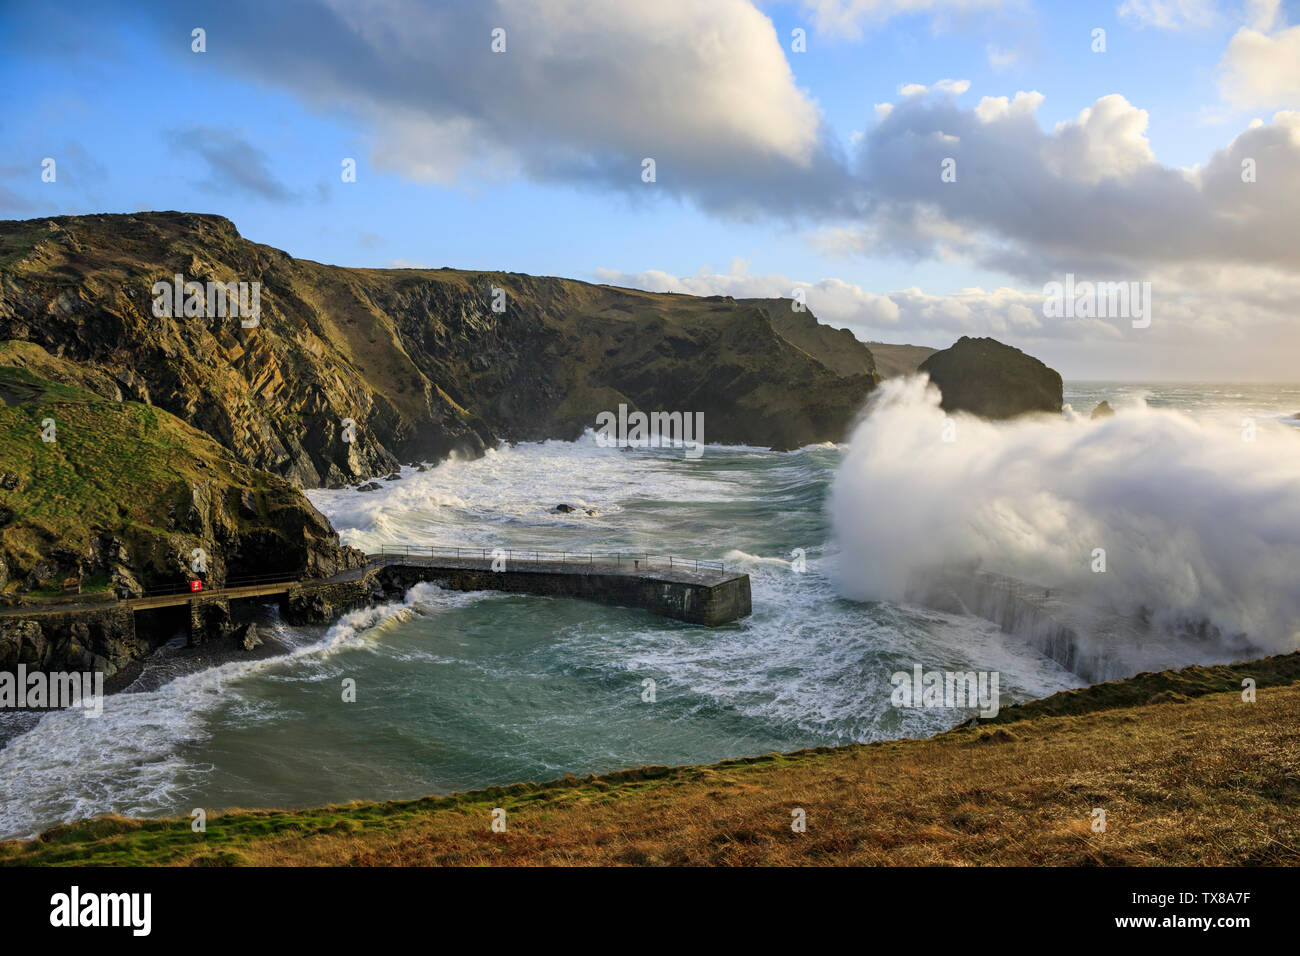 Una ola rompiendo en Puerto parteluz en Cornwall. Imagen De Stock